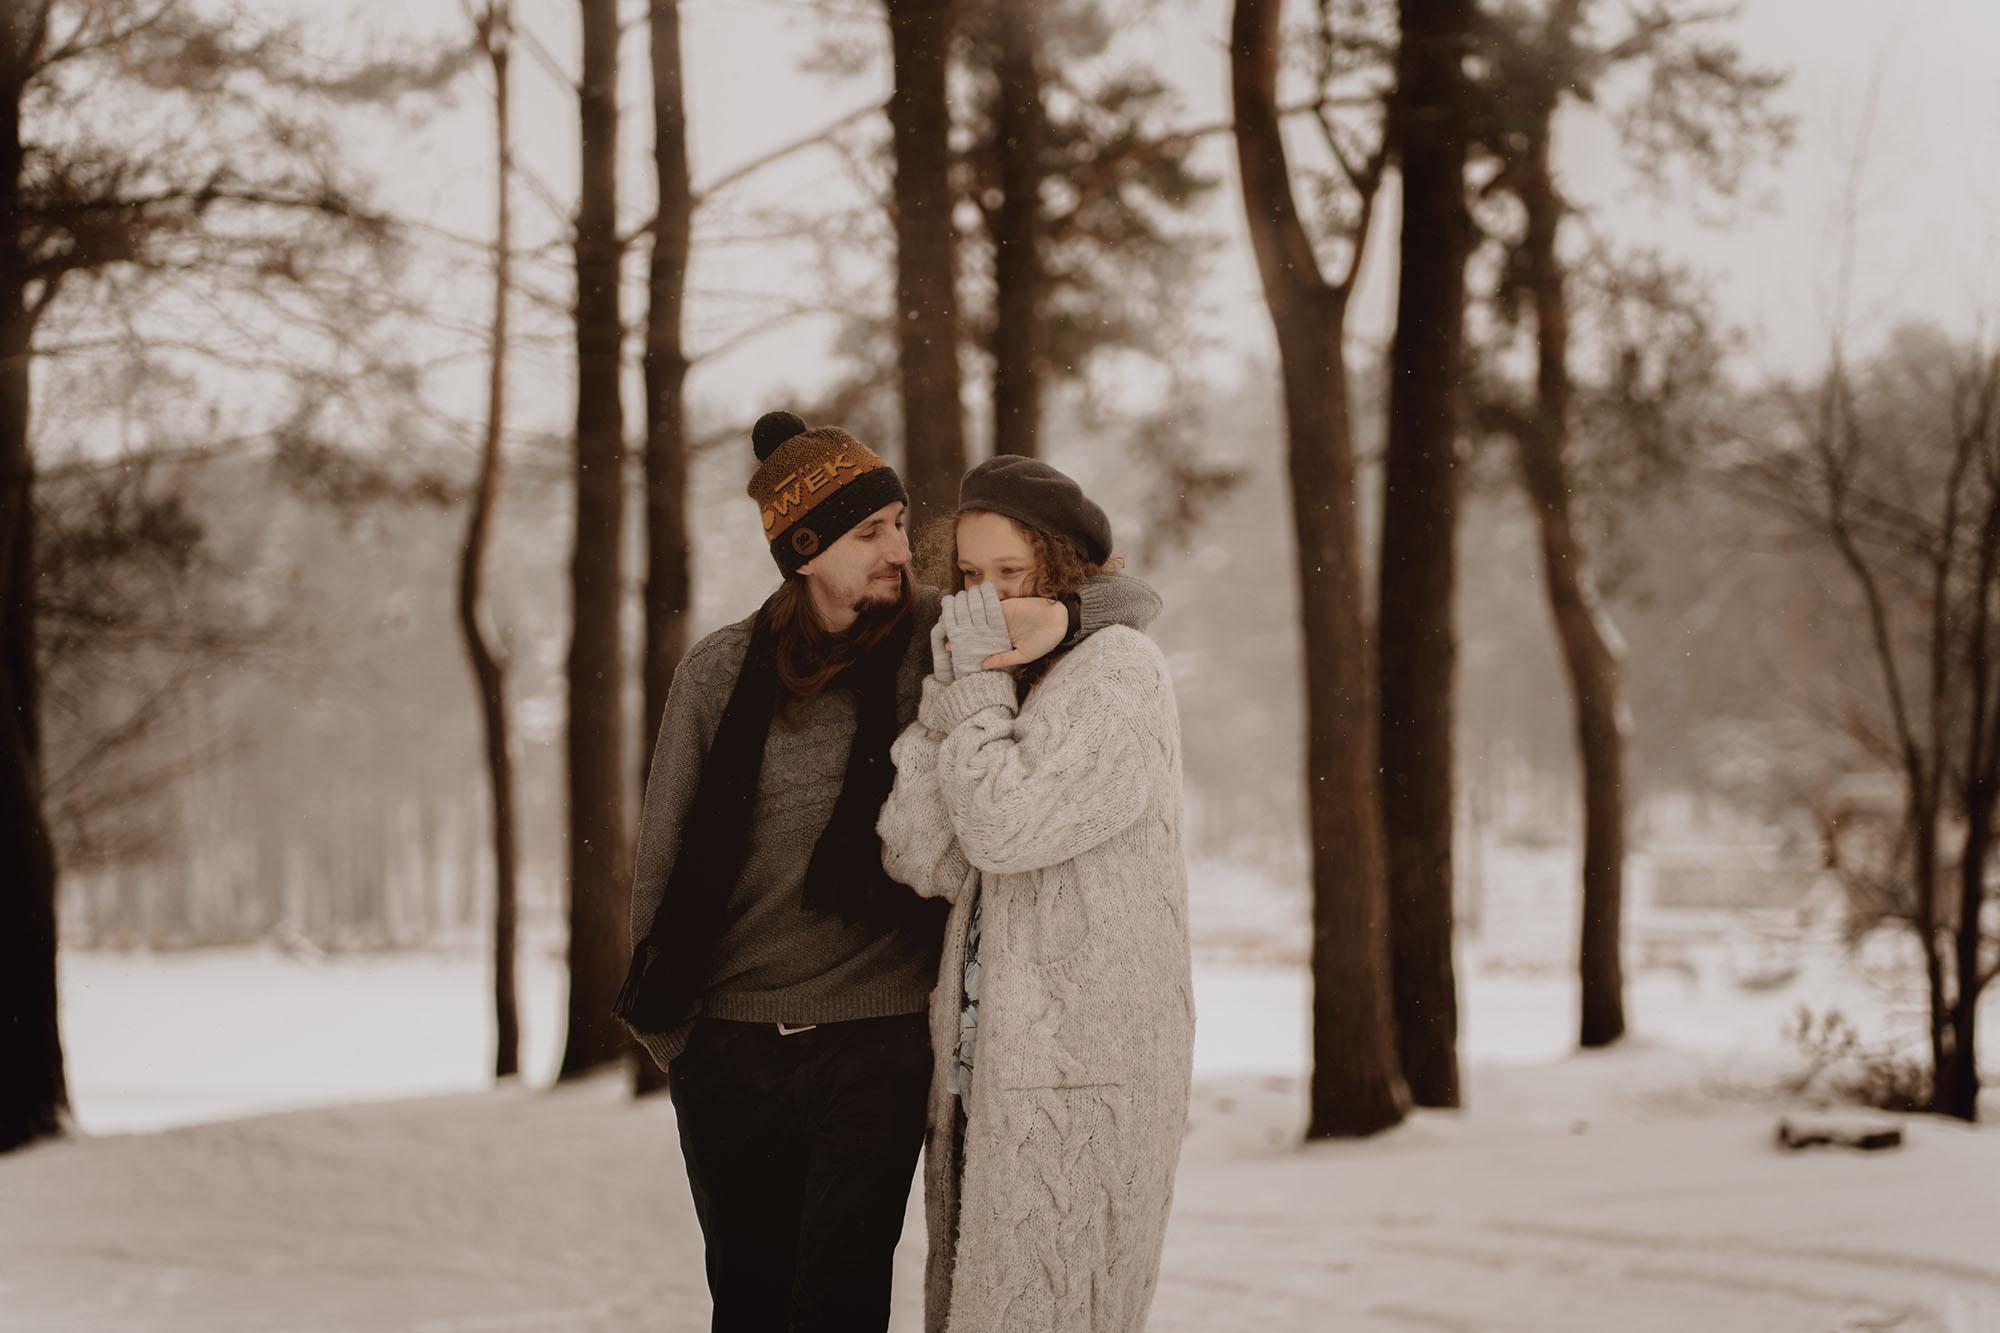 zimowa sesja narzeczenska00001 - Miłość